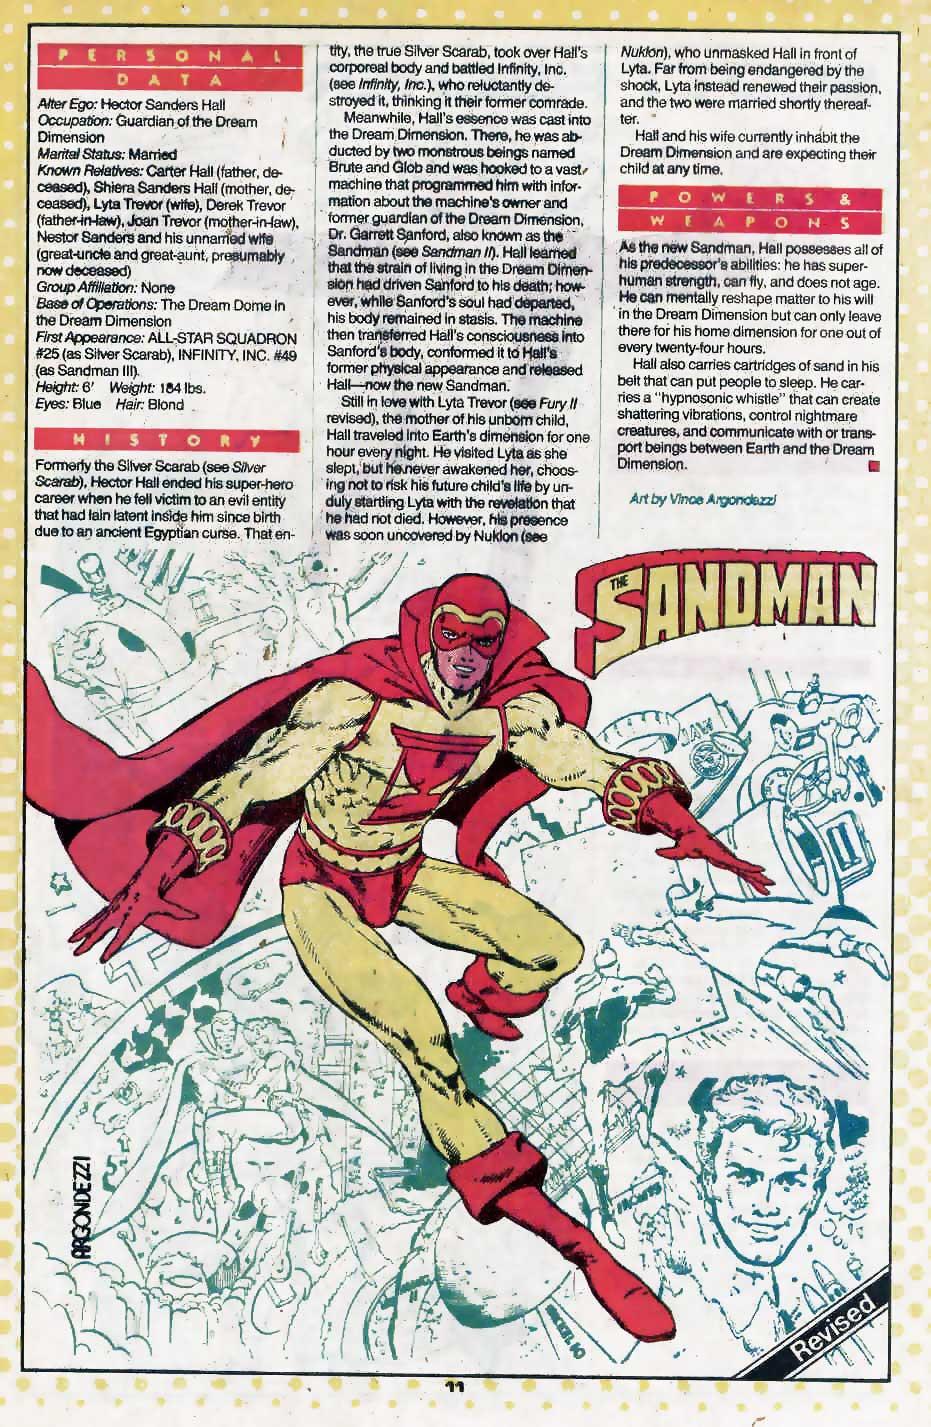 Who's Who Update 88 #3 Sandman III by Vince Argondezzi